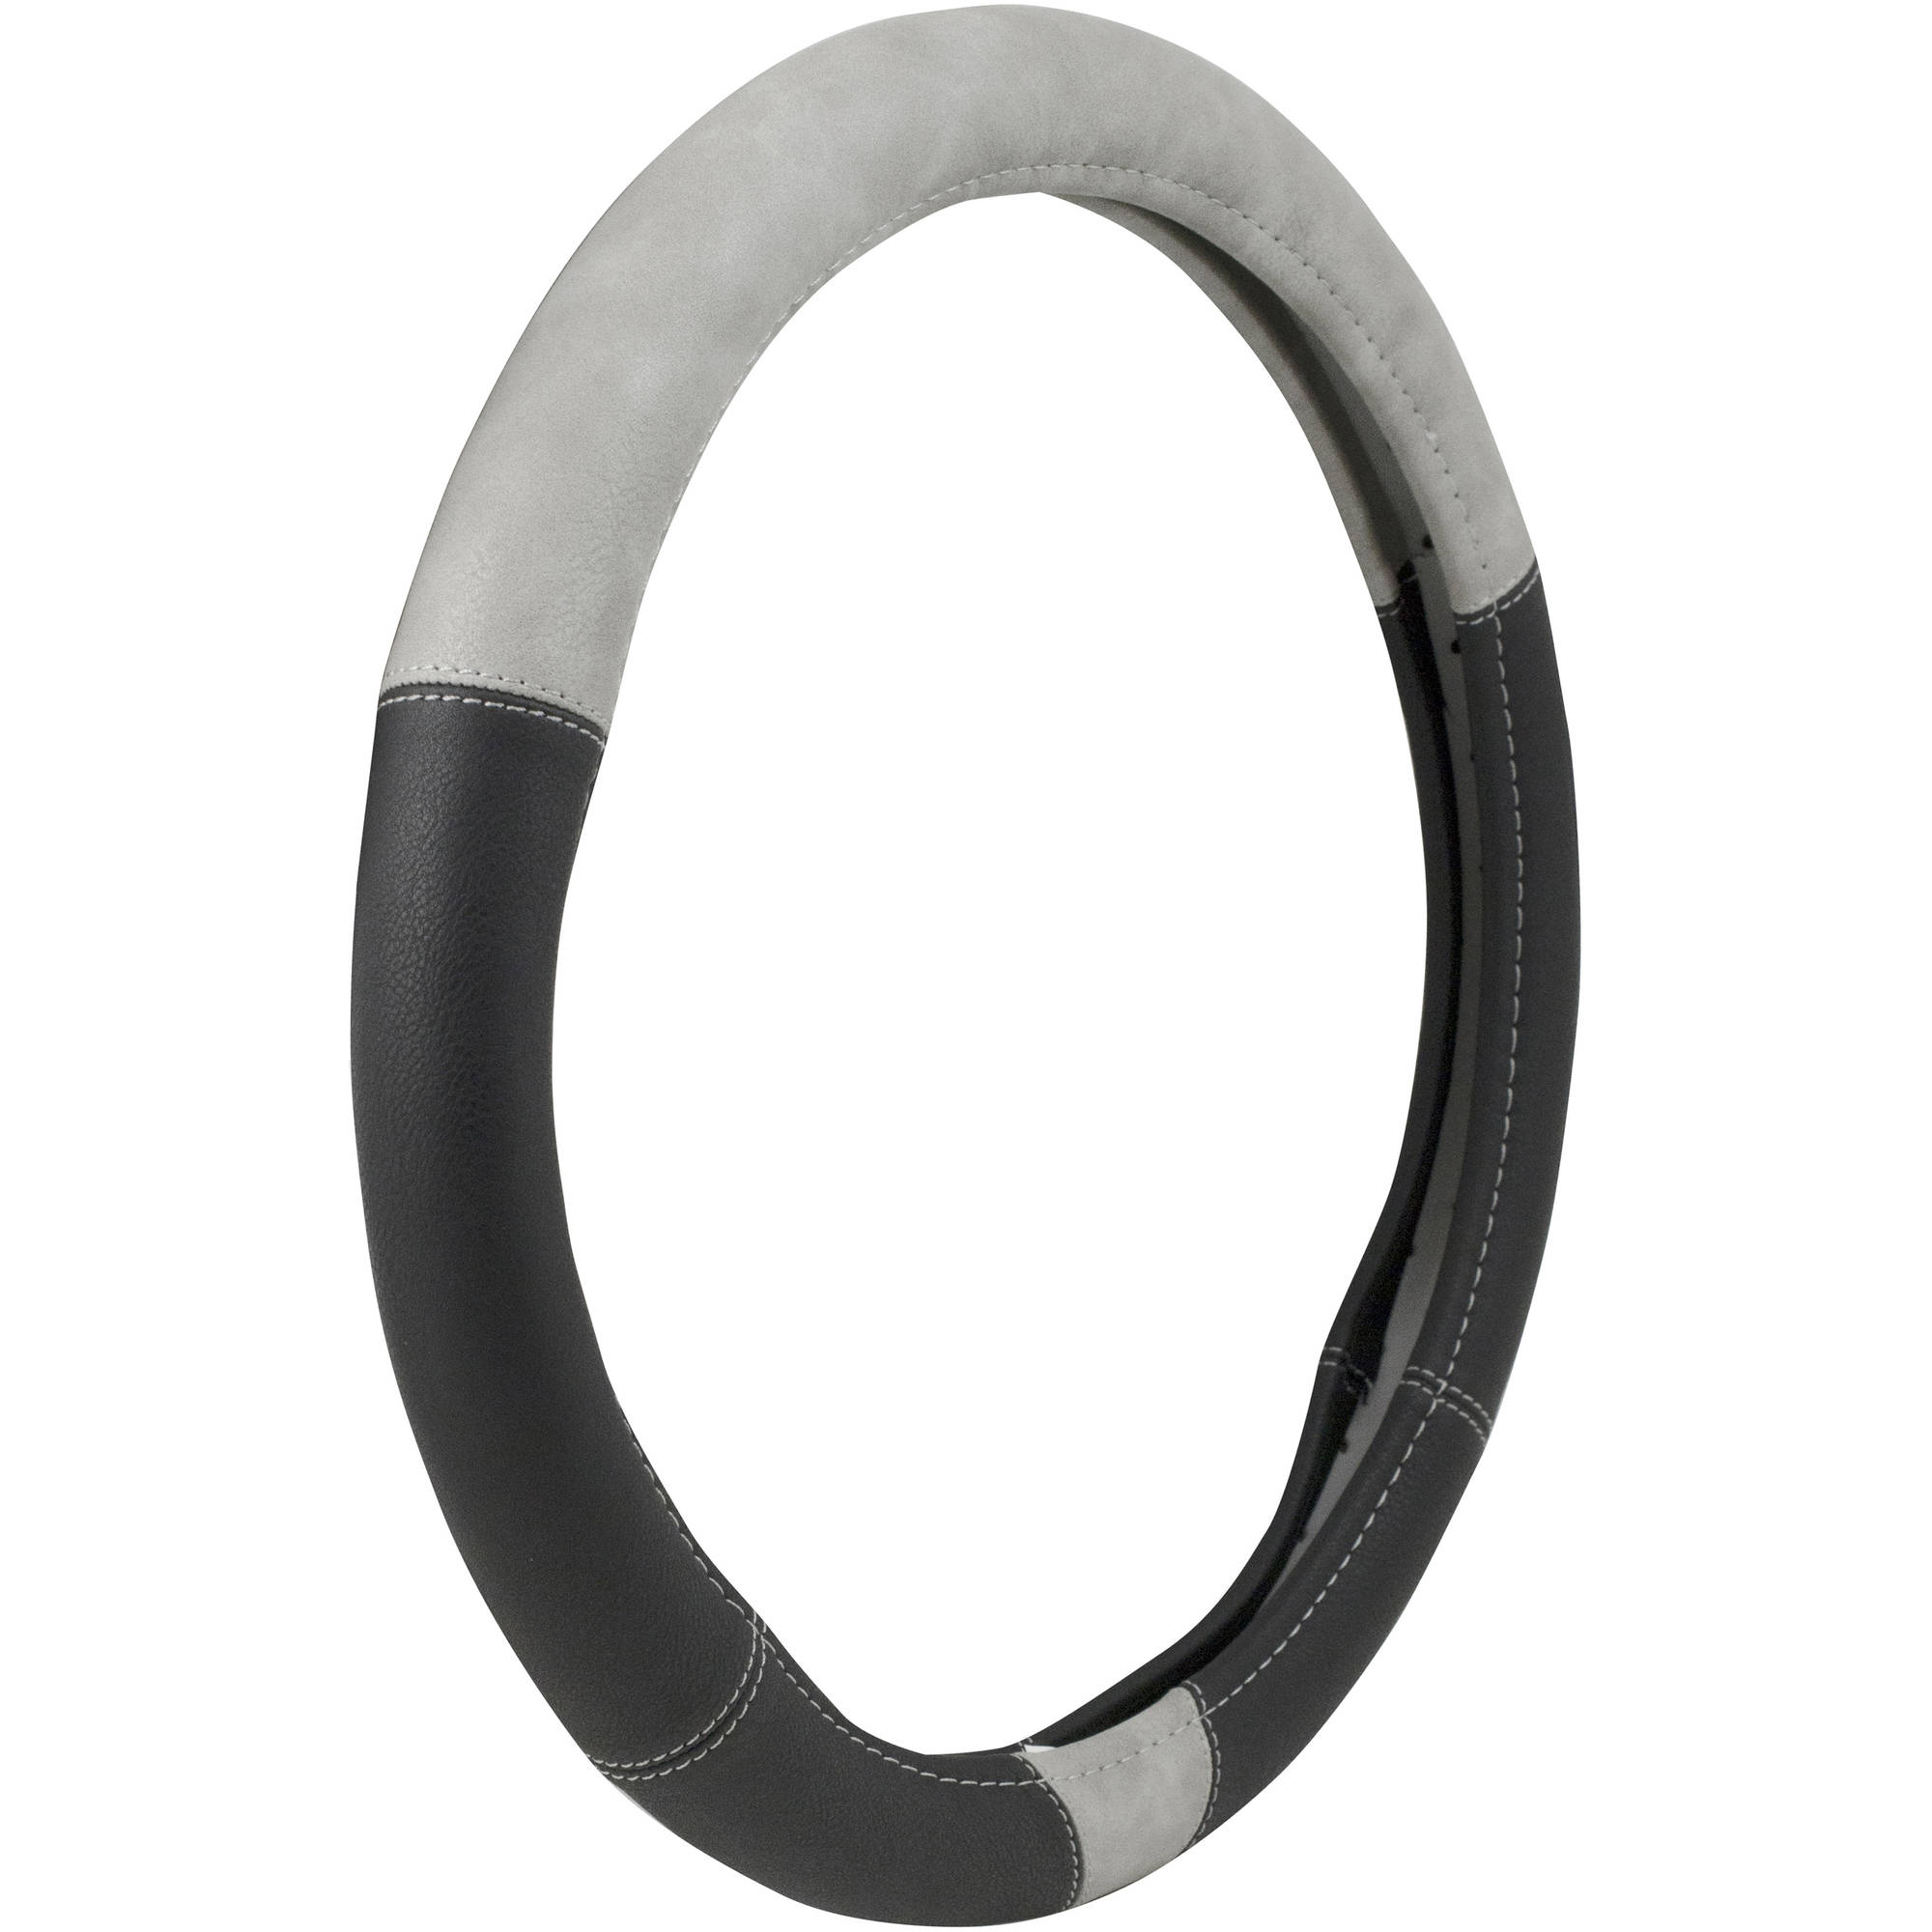 Weathered Grey/Black Steering Wheel Cover